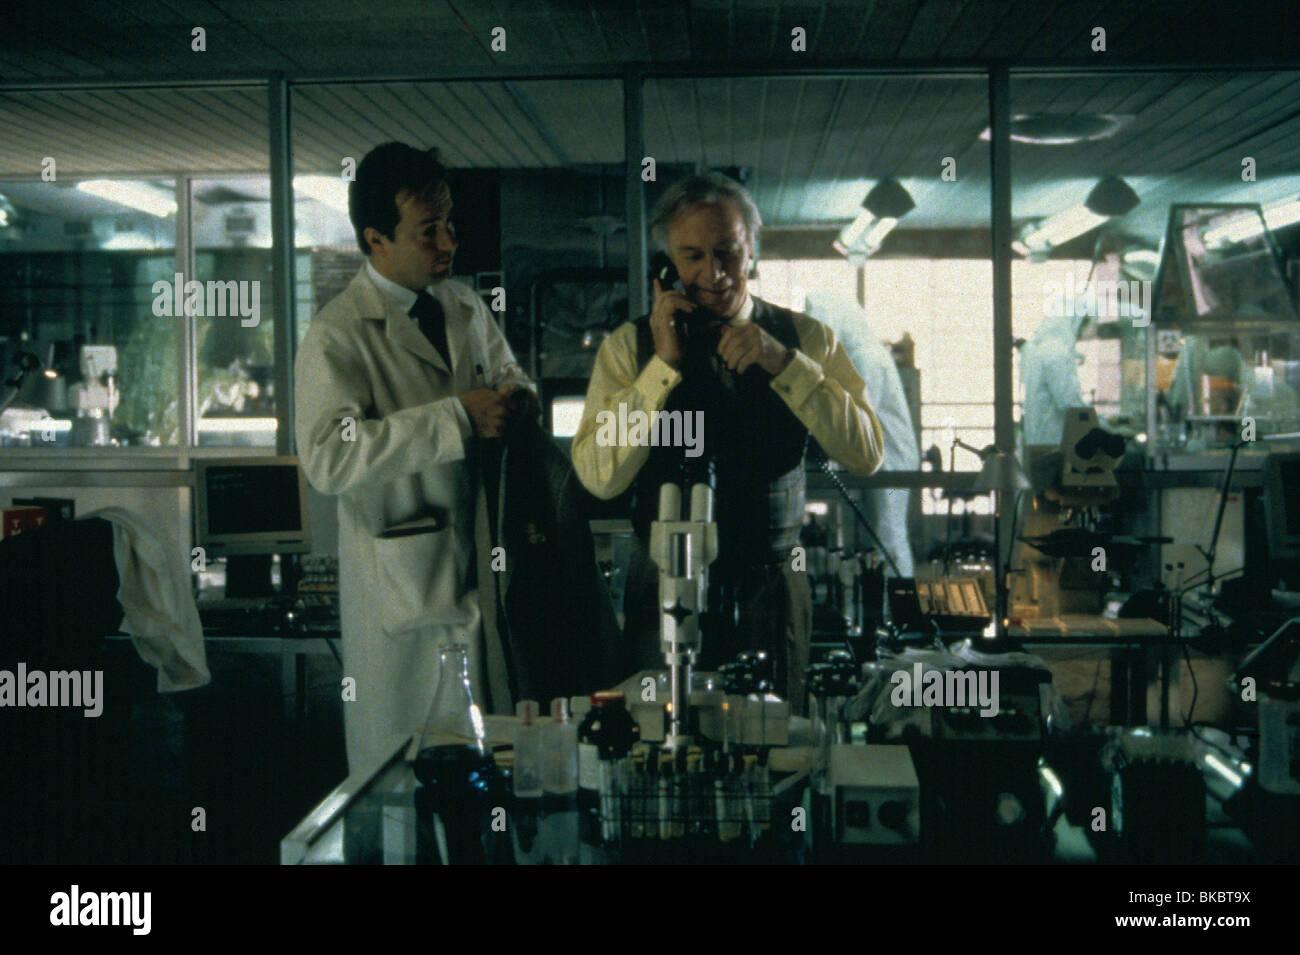 TWELVE MONKEYS (1995) CHRISTOPHER PLUMMER TVMK 072 - Stock Image